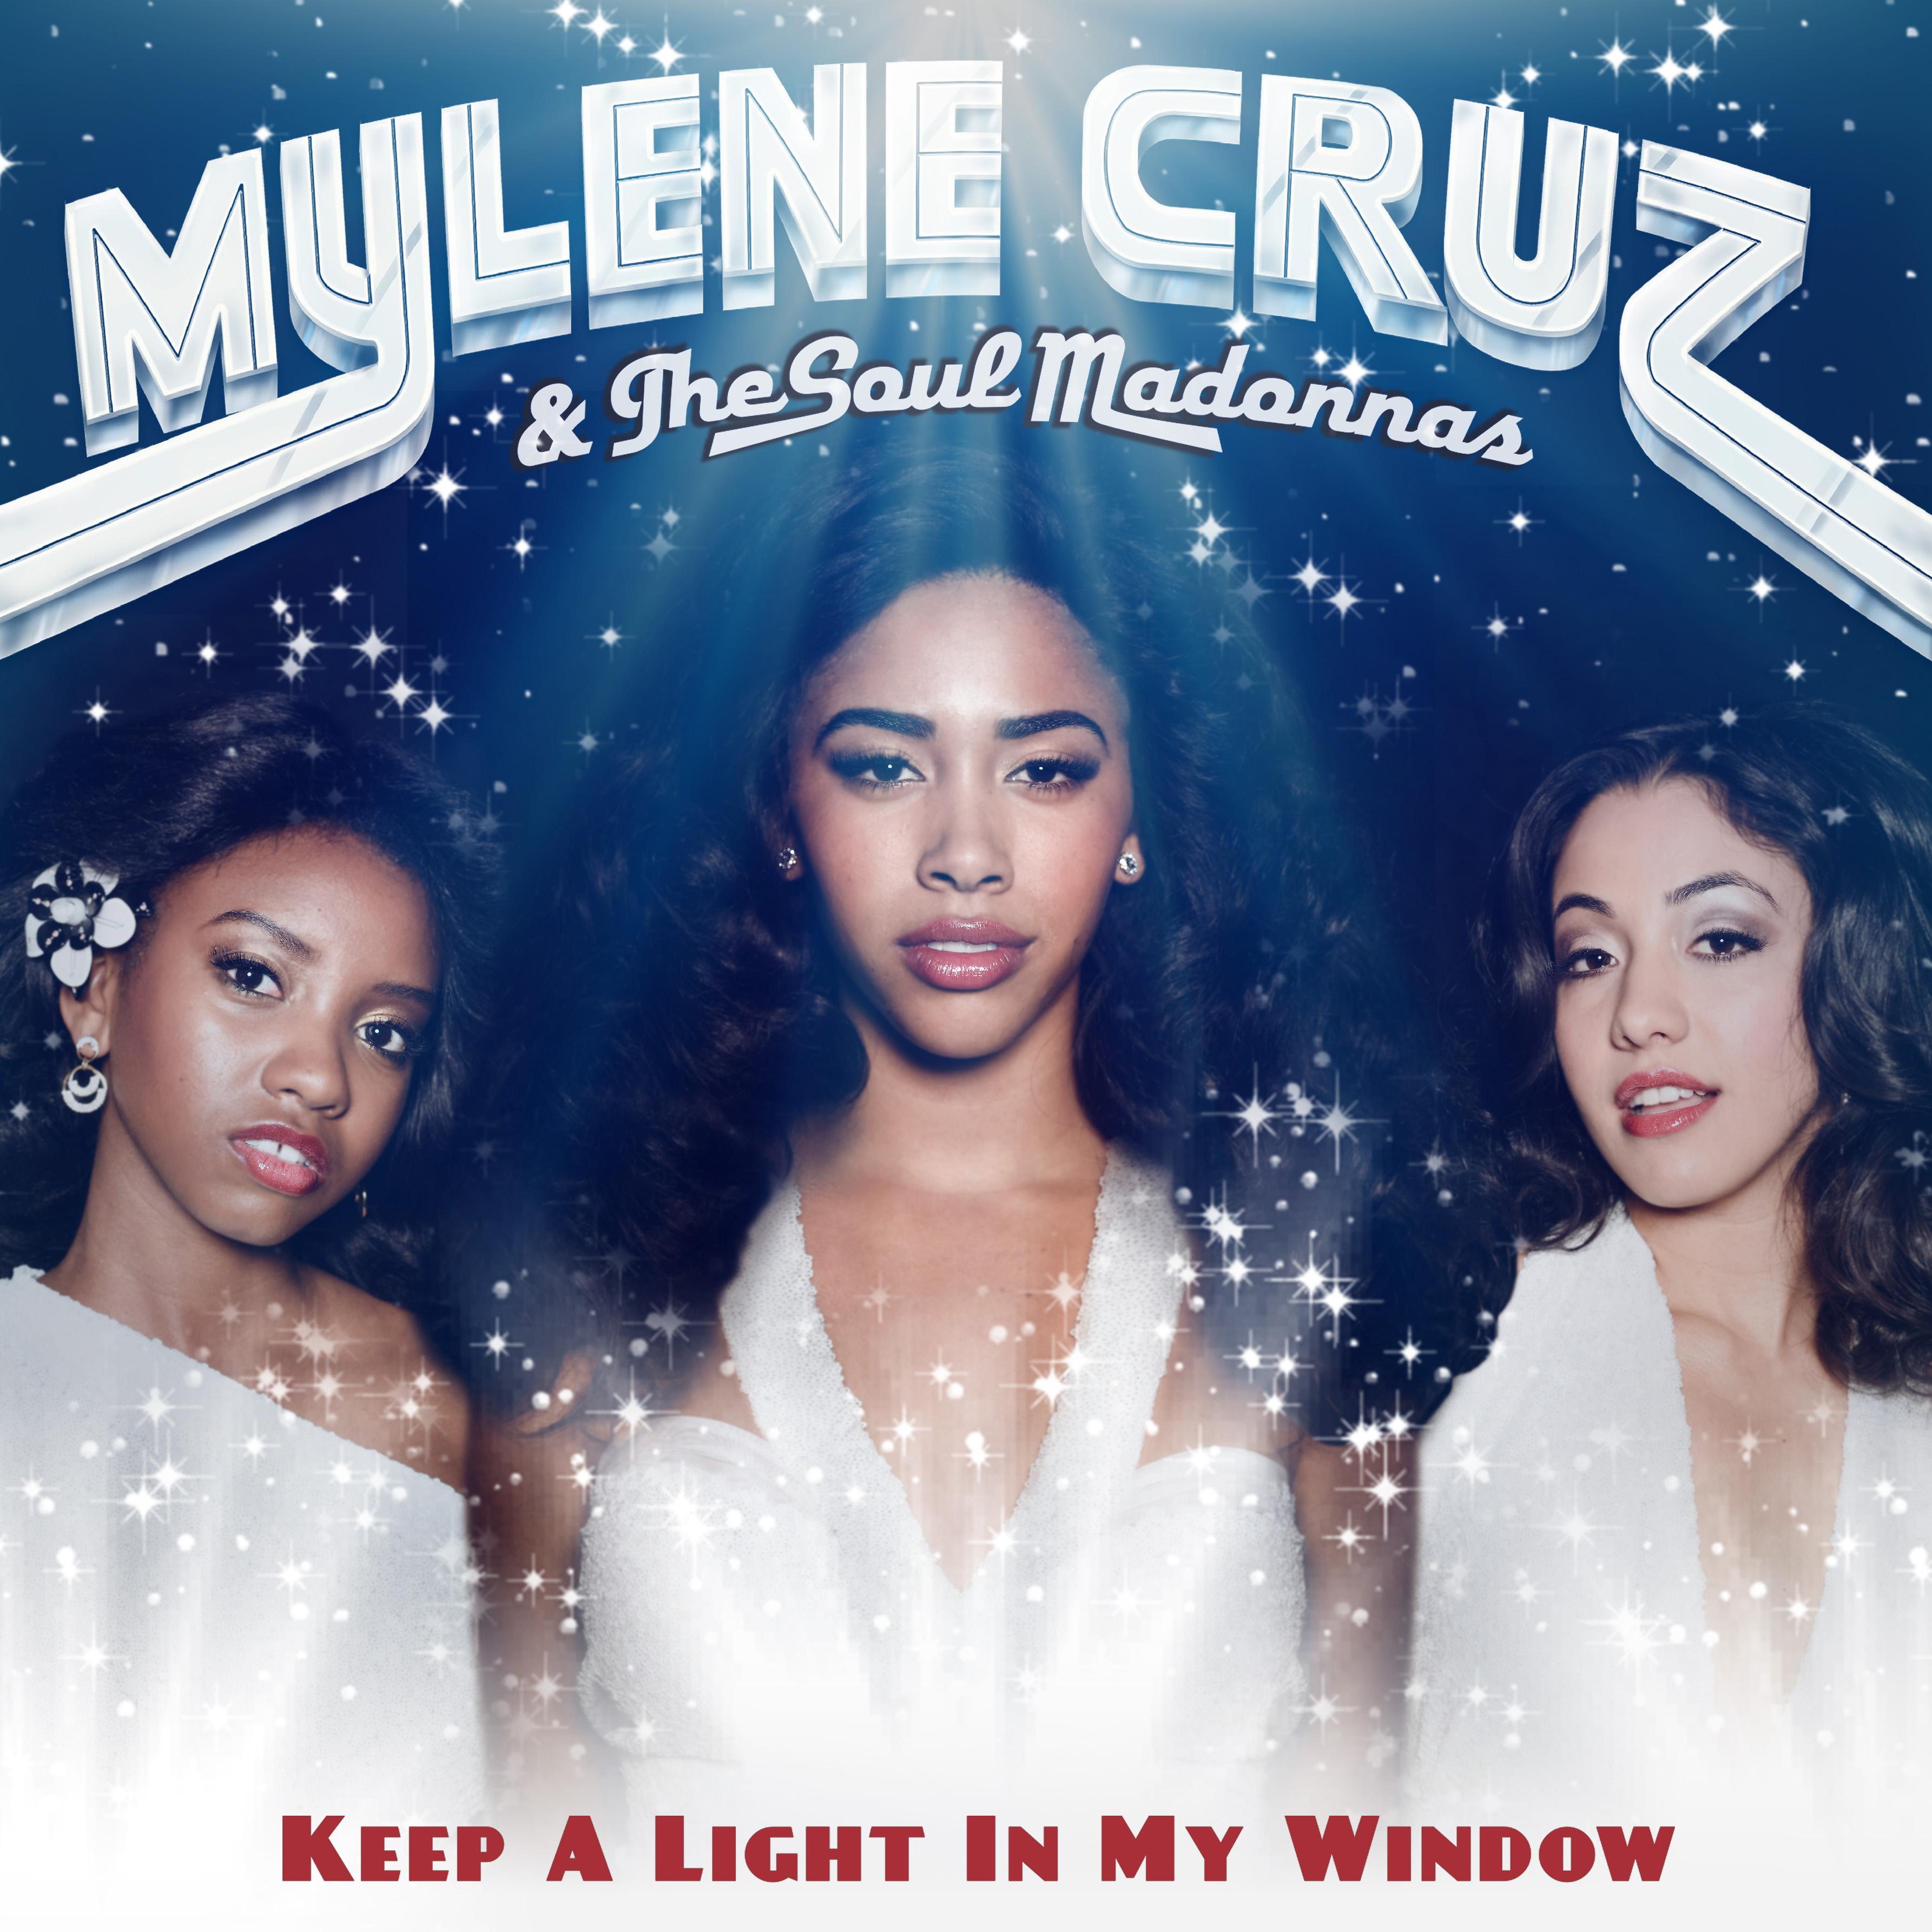 The group Far Light - soul songs